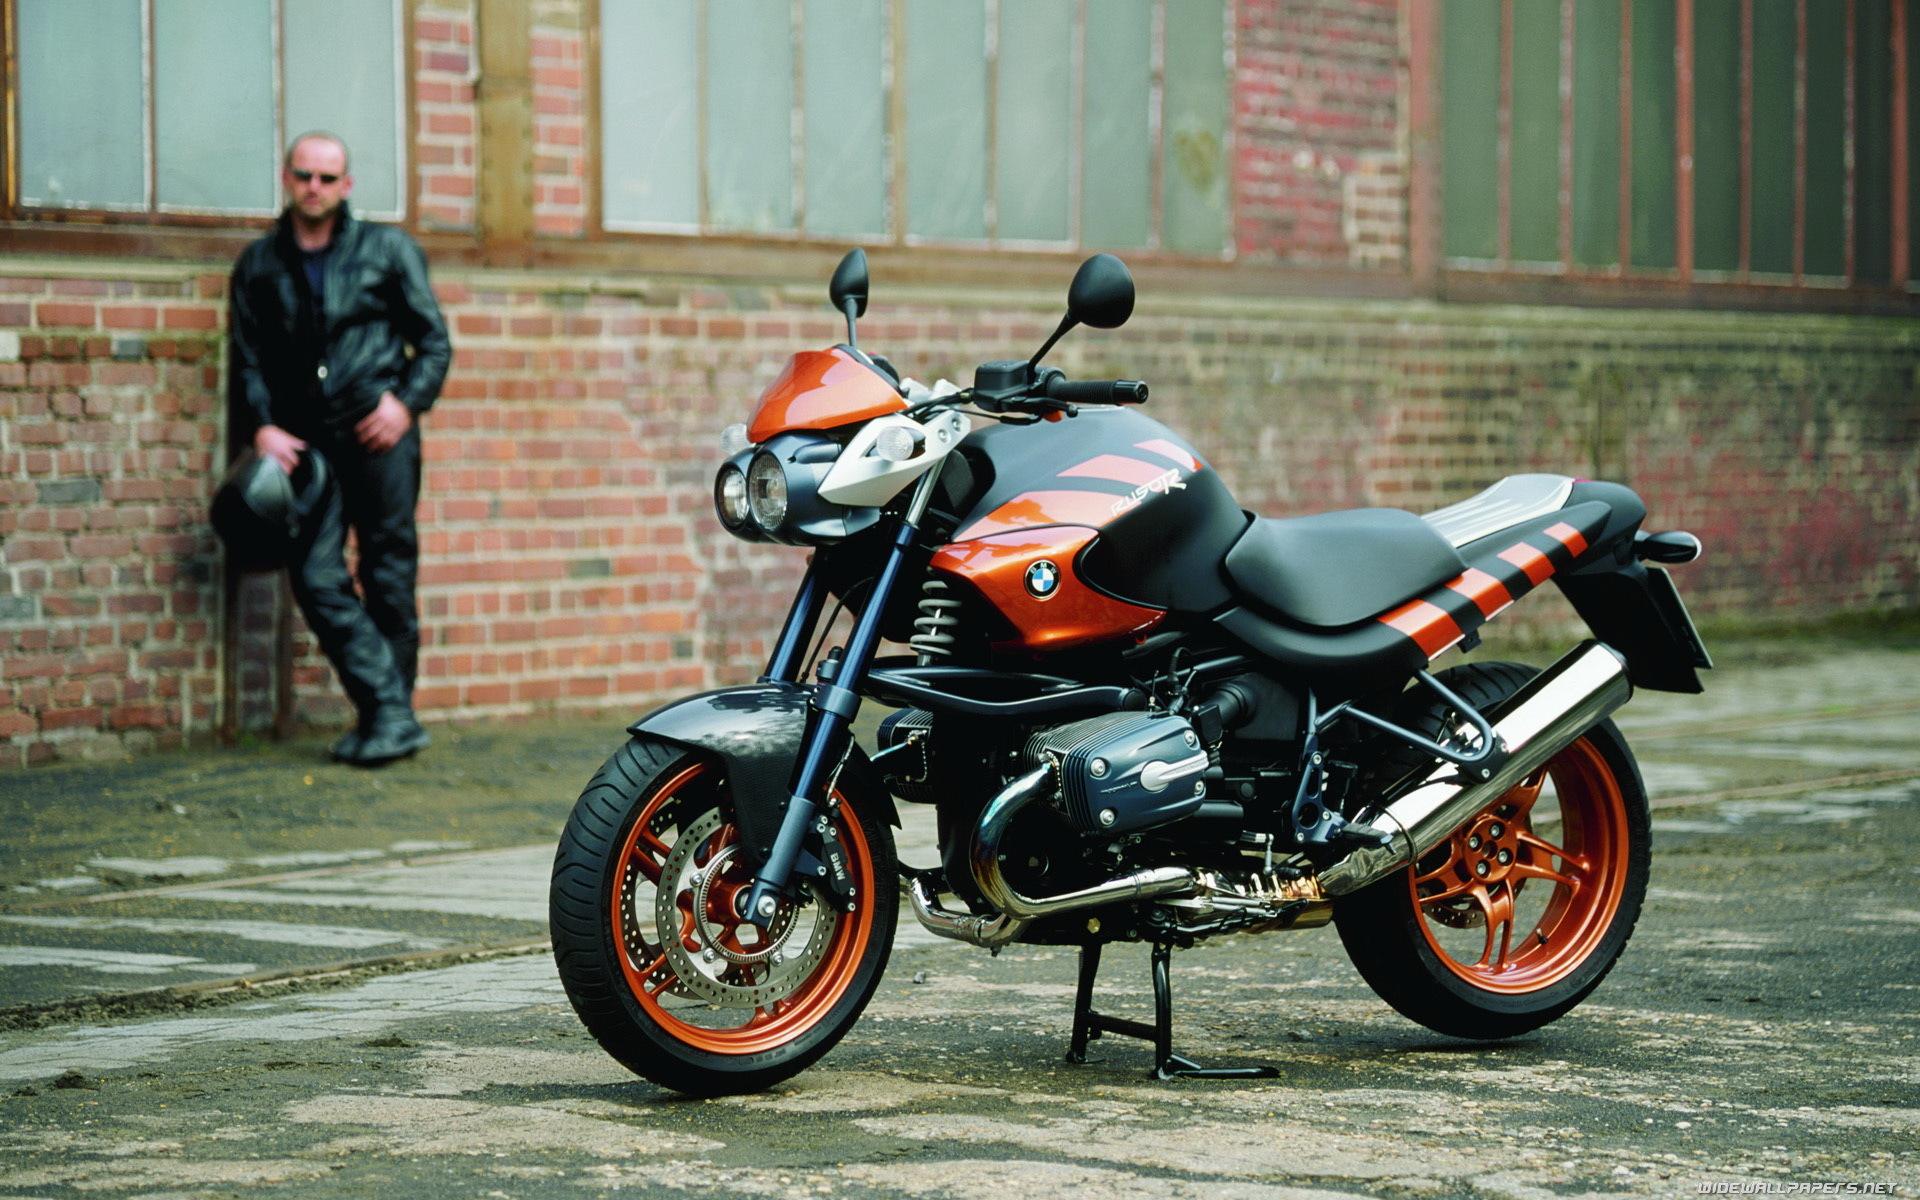 Скачать картинку Мотоциклы, Бмв (Bmw), Транспорт в телефон бесплатно.